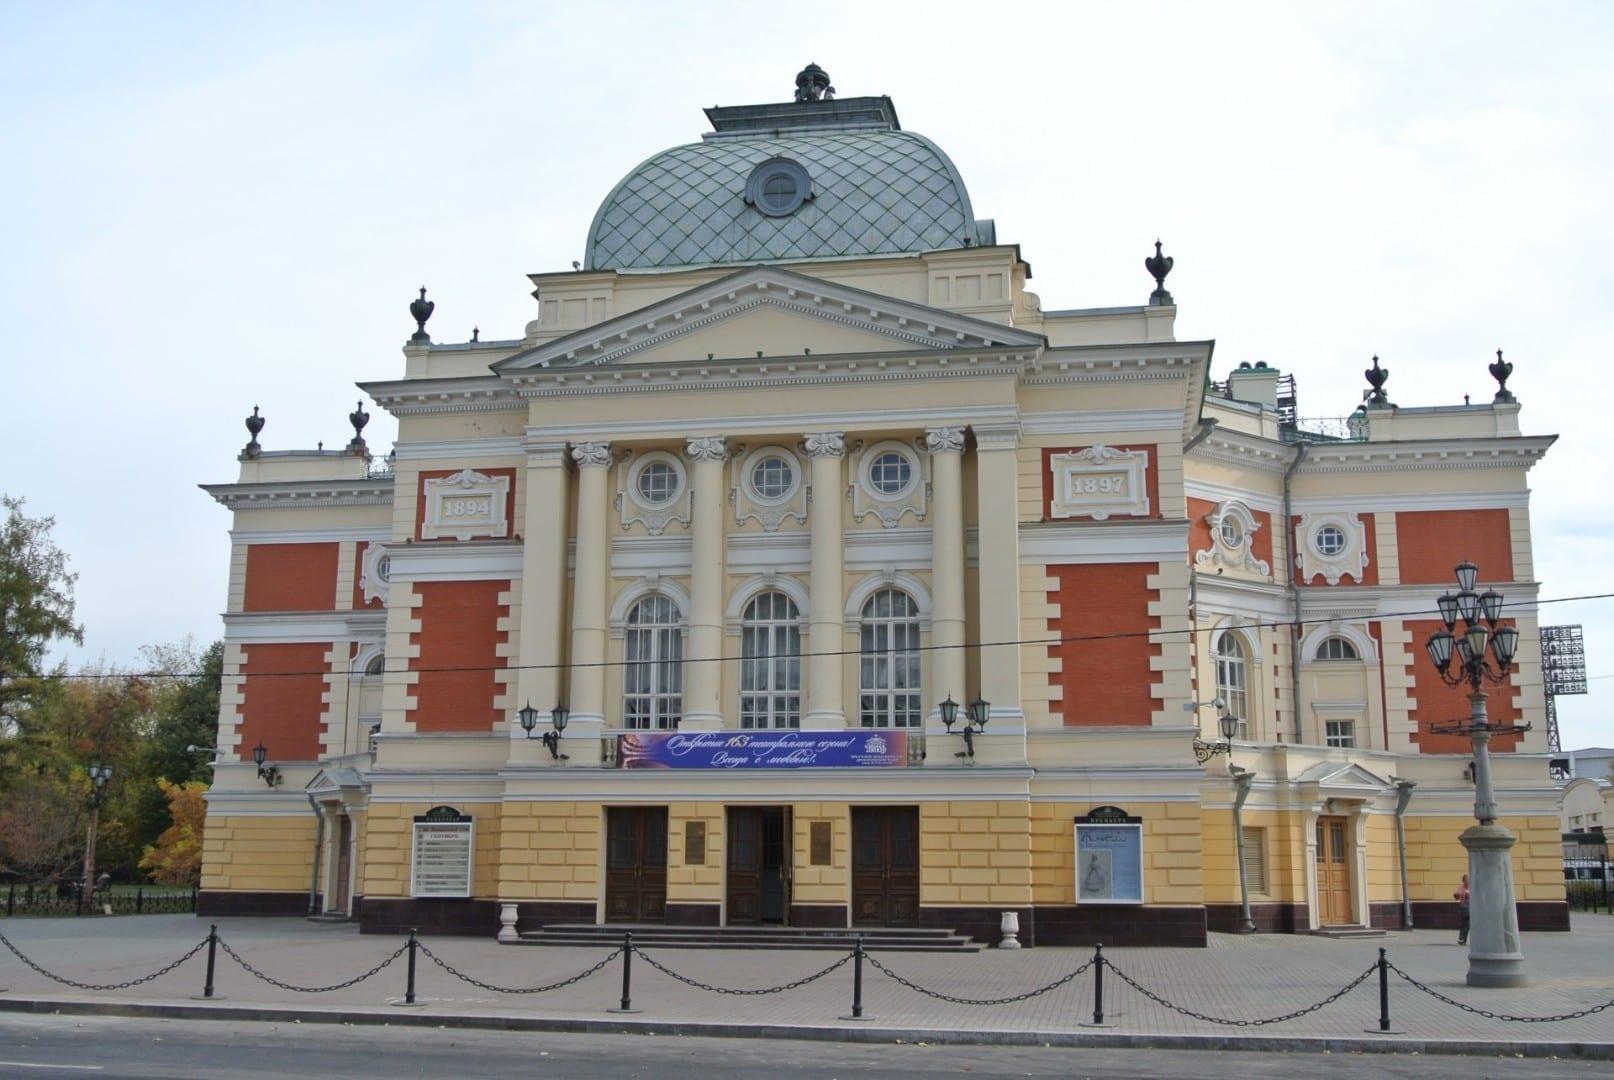 Teatro Dramático Irkutsk Rusia